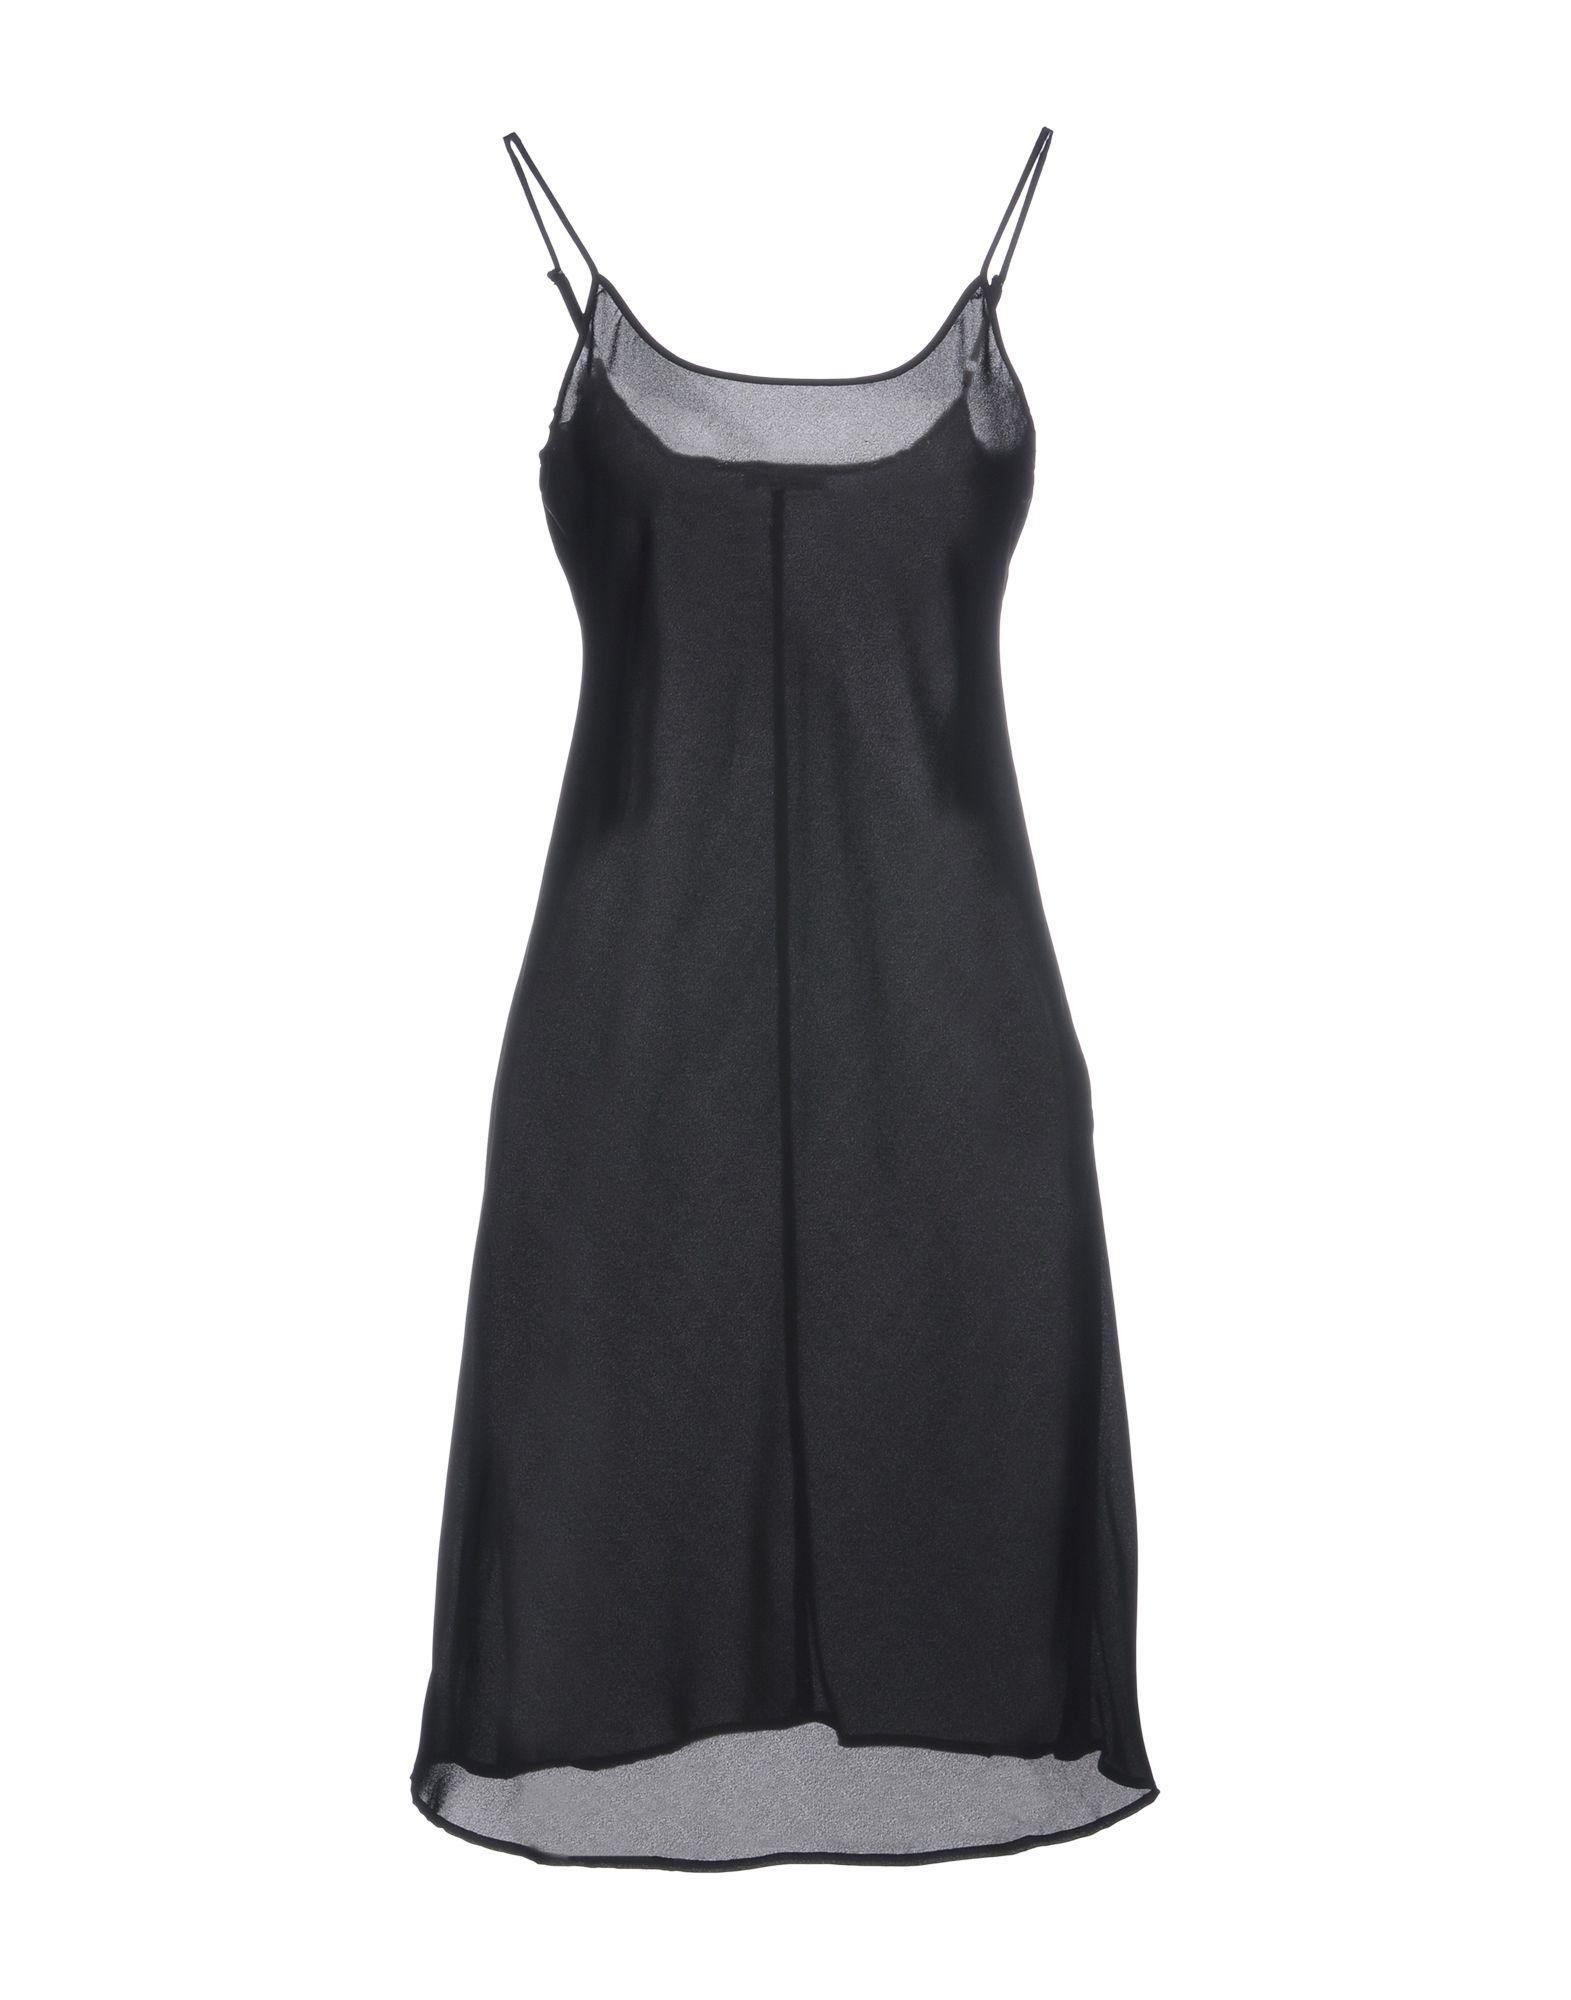 цены на THINK BELIEVE Короткое платье в интернет-магазинах